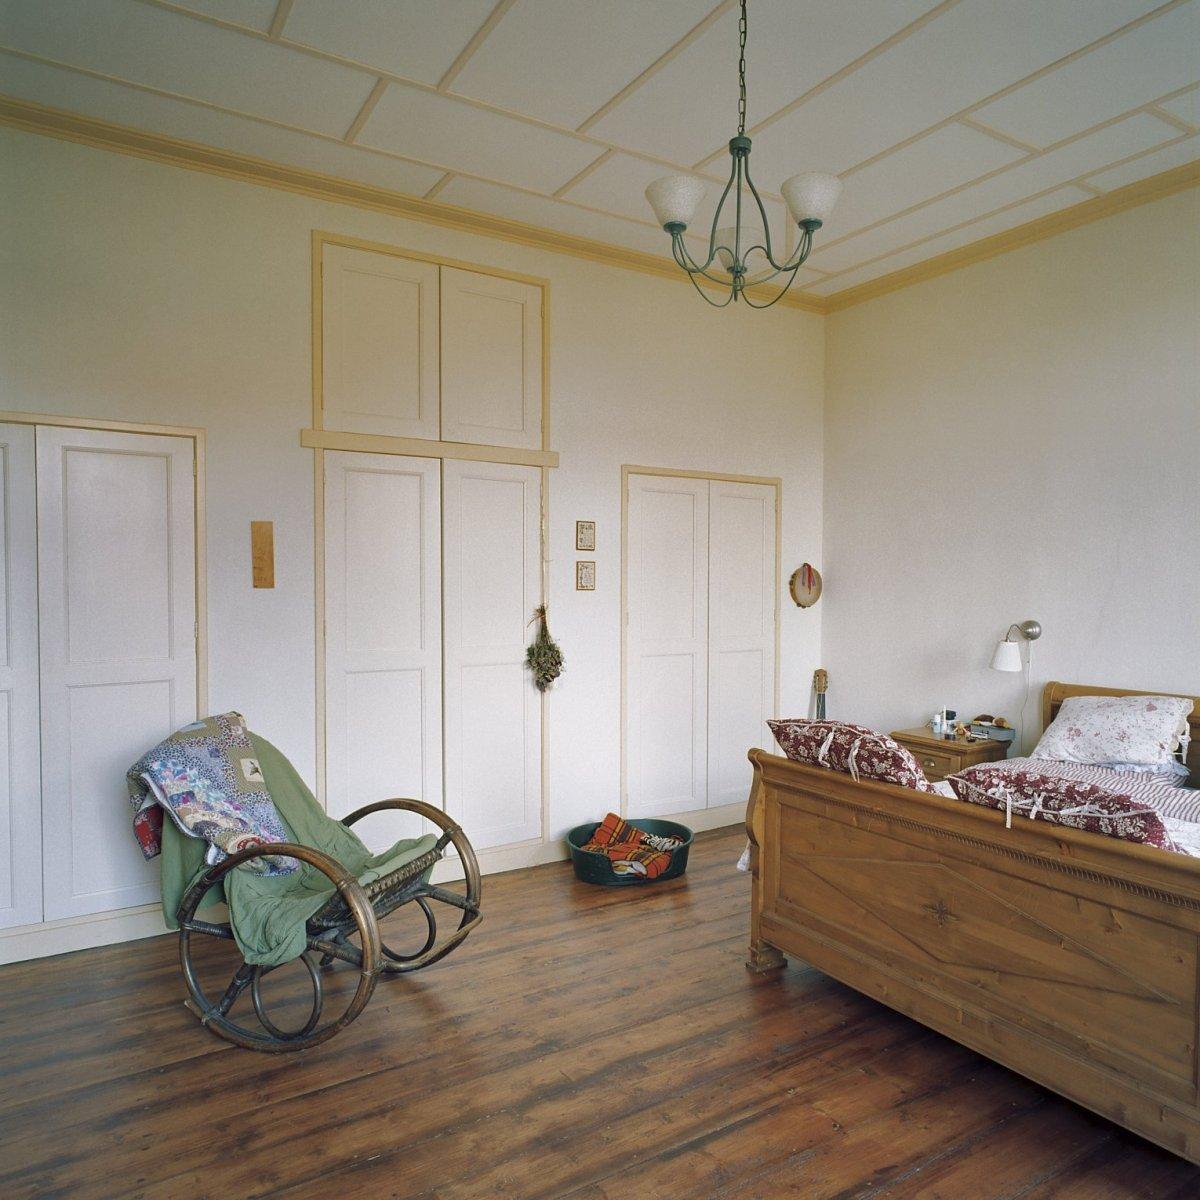 :Interieur begane grond, woongedeelte boerderij, oude slaapkamer met ...